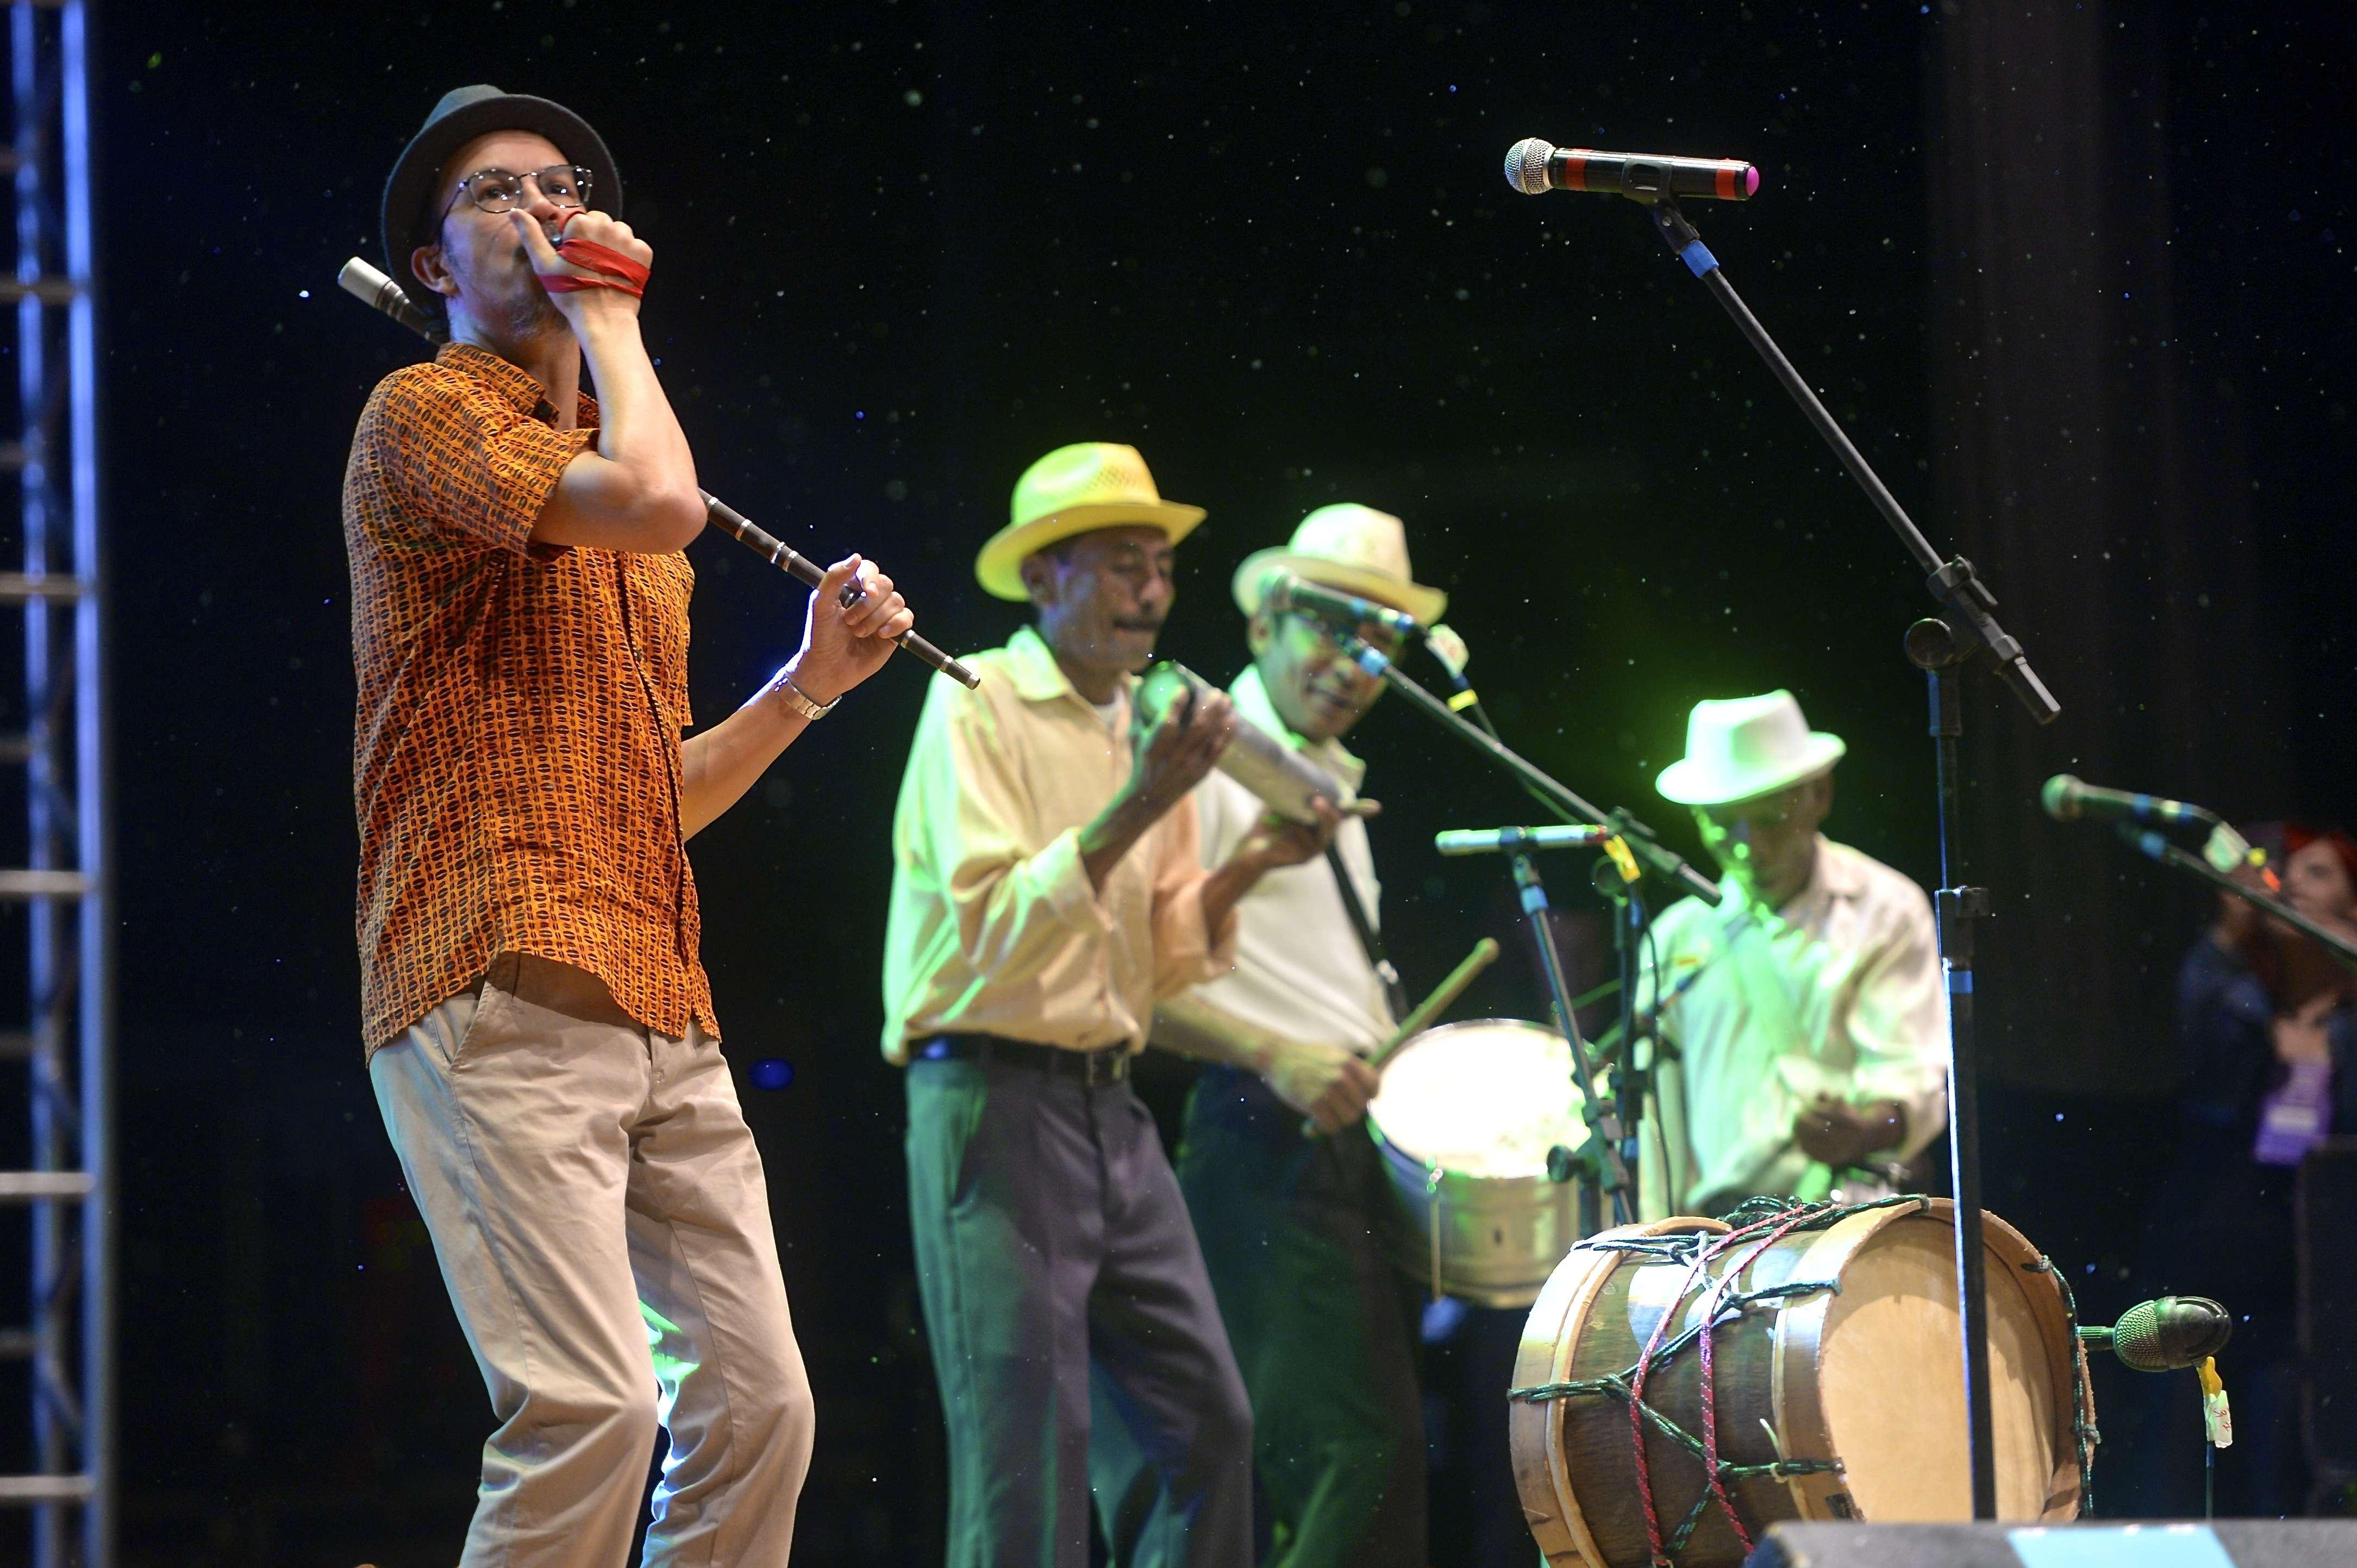 Siba e a Fuloresta se apresentaram no Figo 2014, em Goiânia Foto: Osmar Portilho/Terra